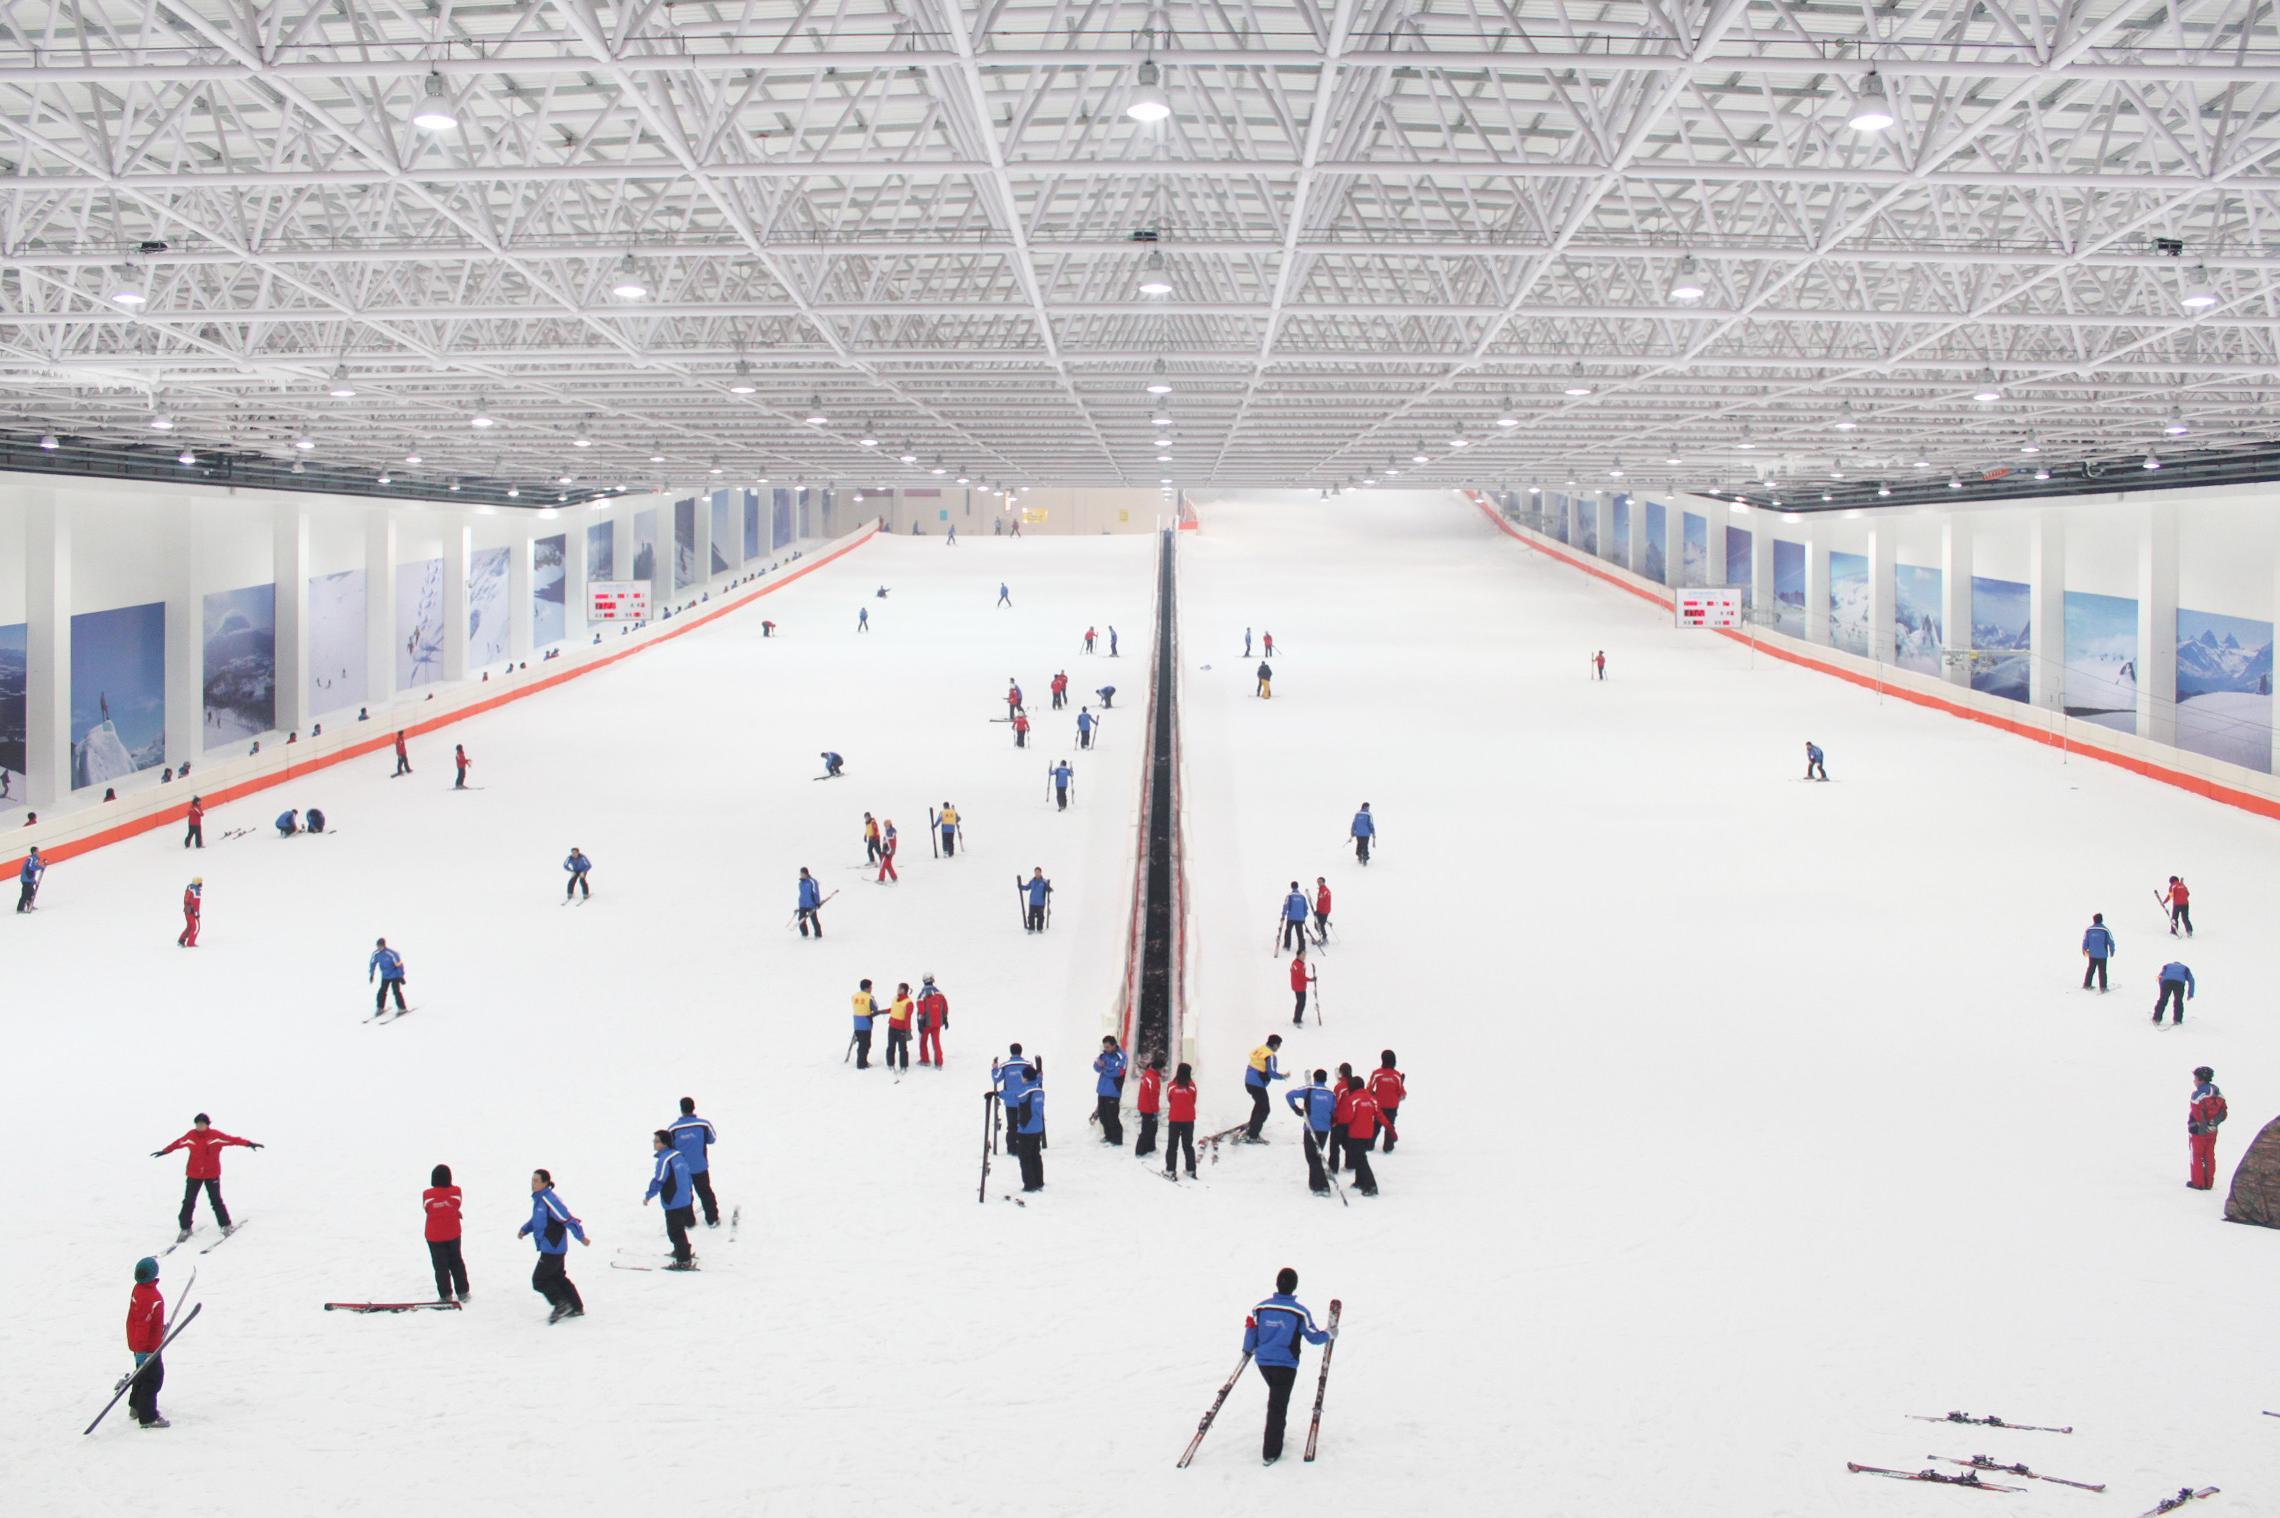 『诗画浙江,家庭亲子』绍兴乔波冰雪世界滑雪1日品质游